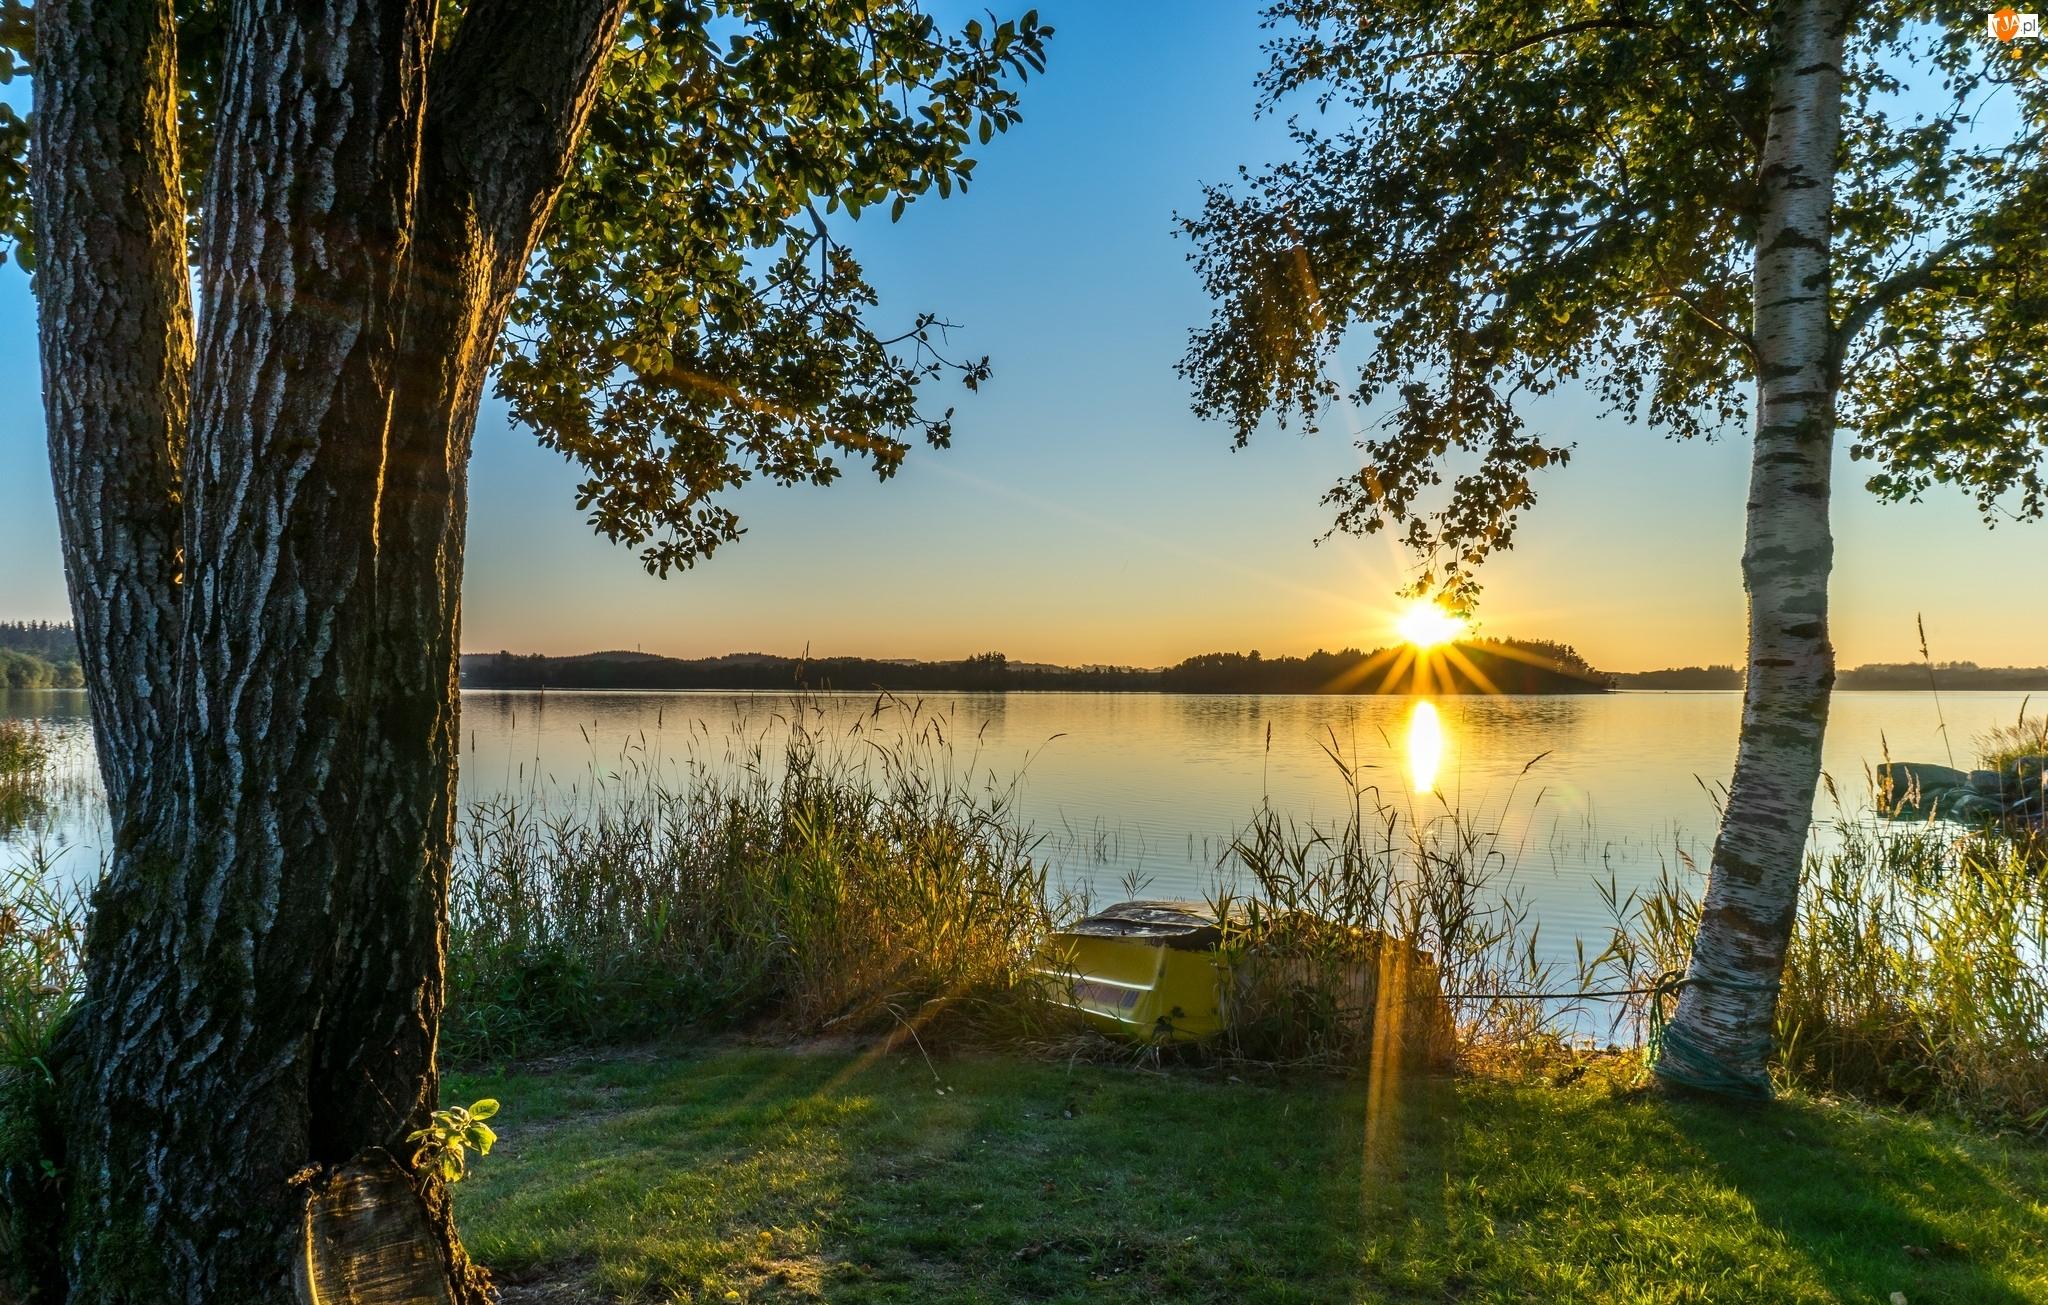 Wschód słońca, Brzoza, Jezioro, Łódka, Brzeg, Drzewa